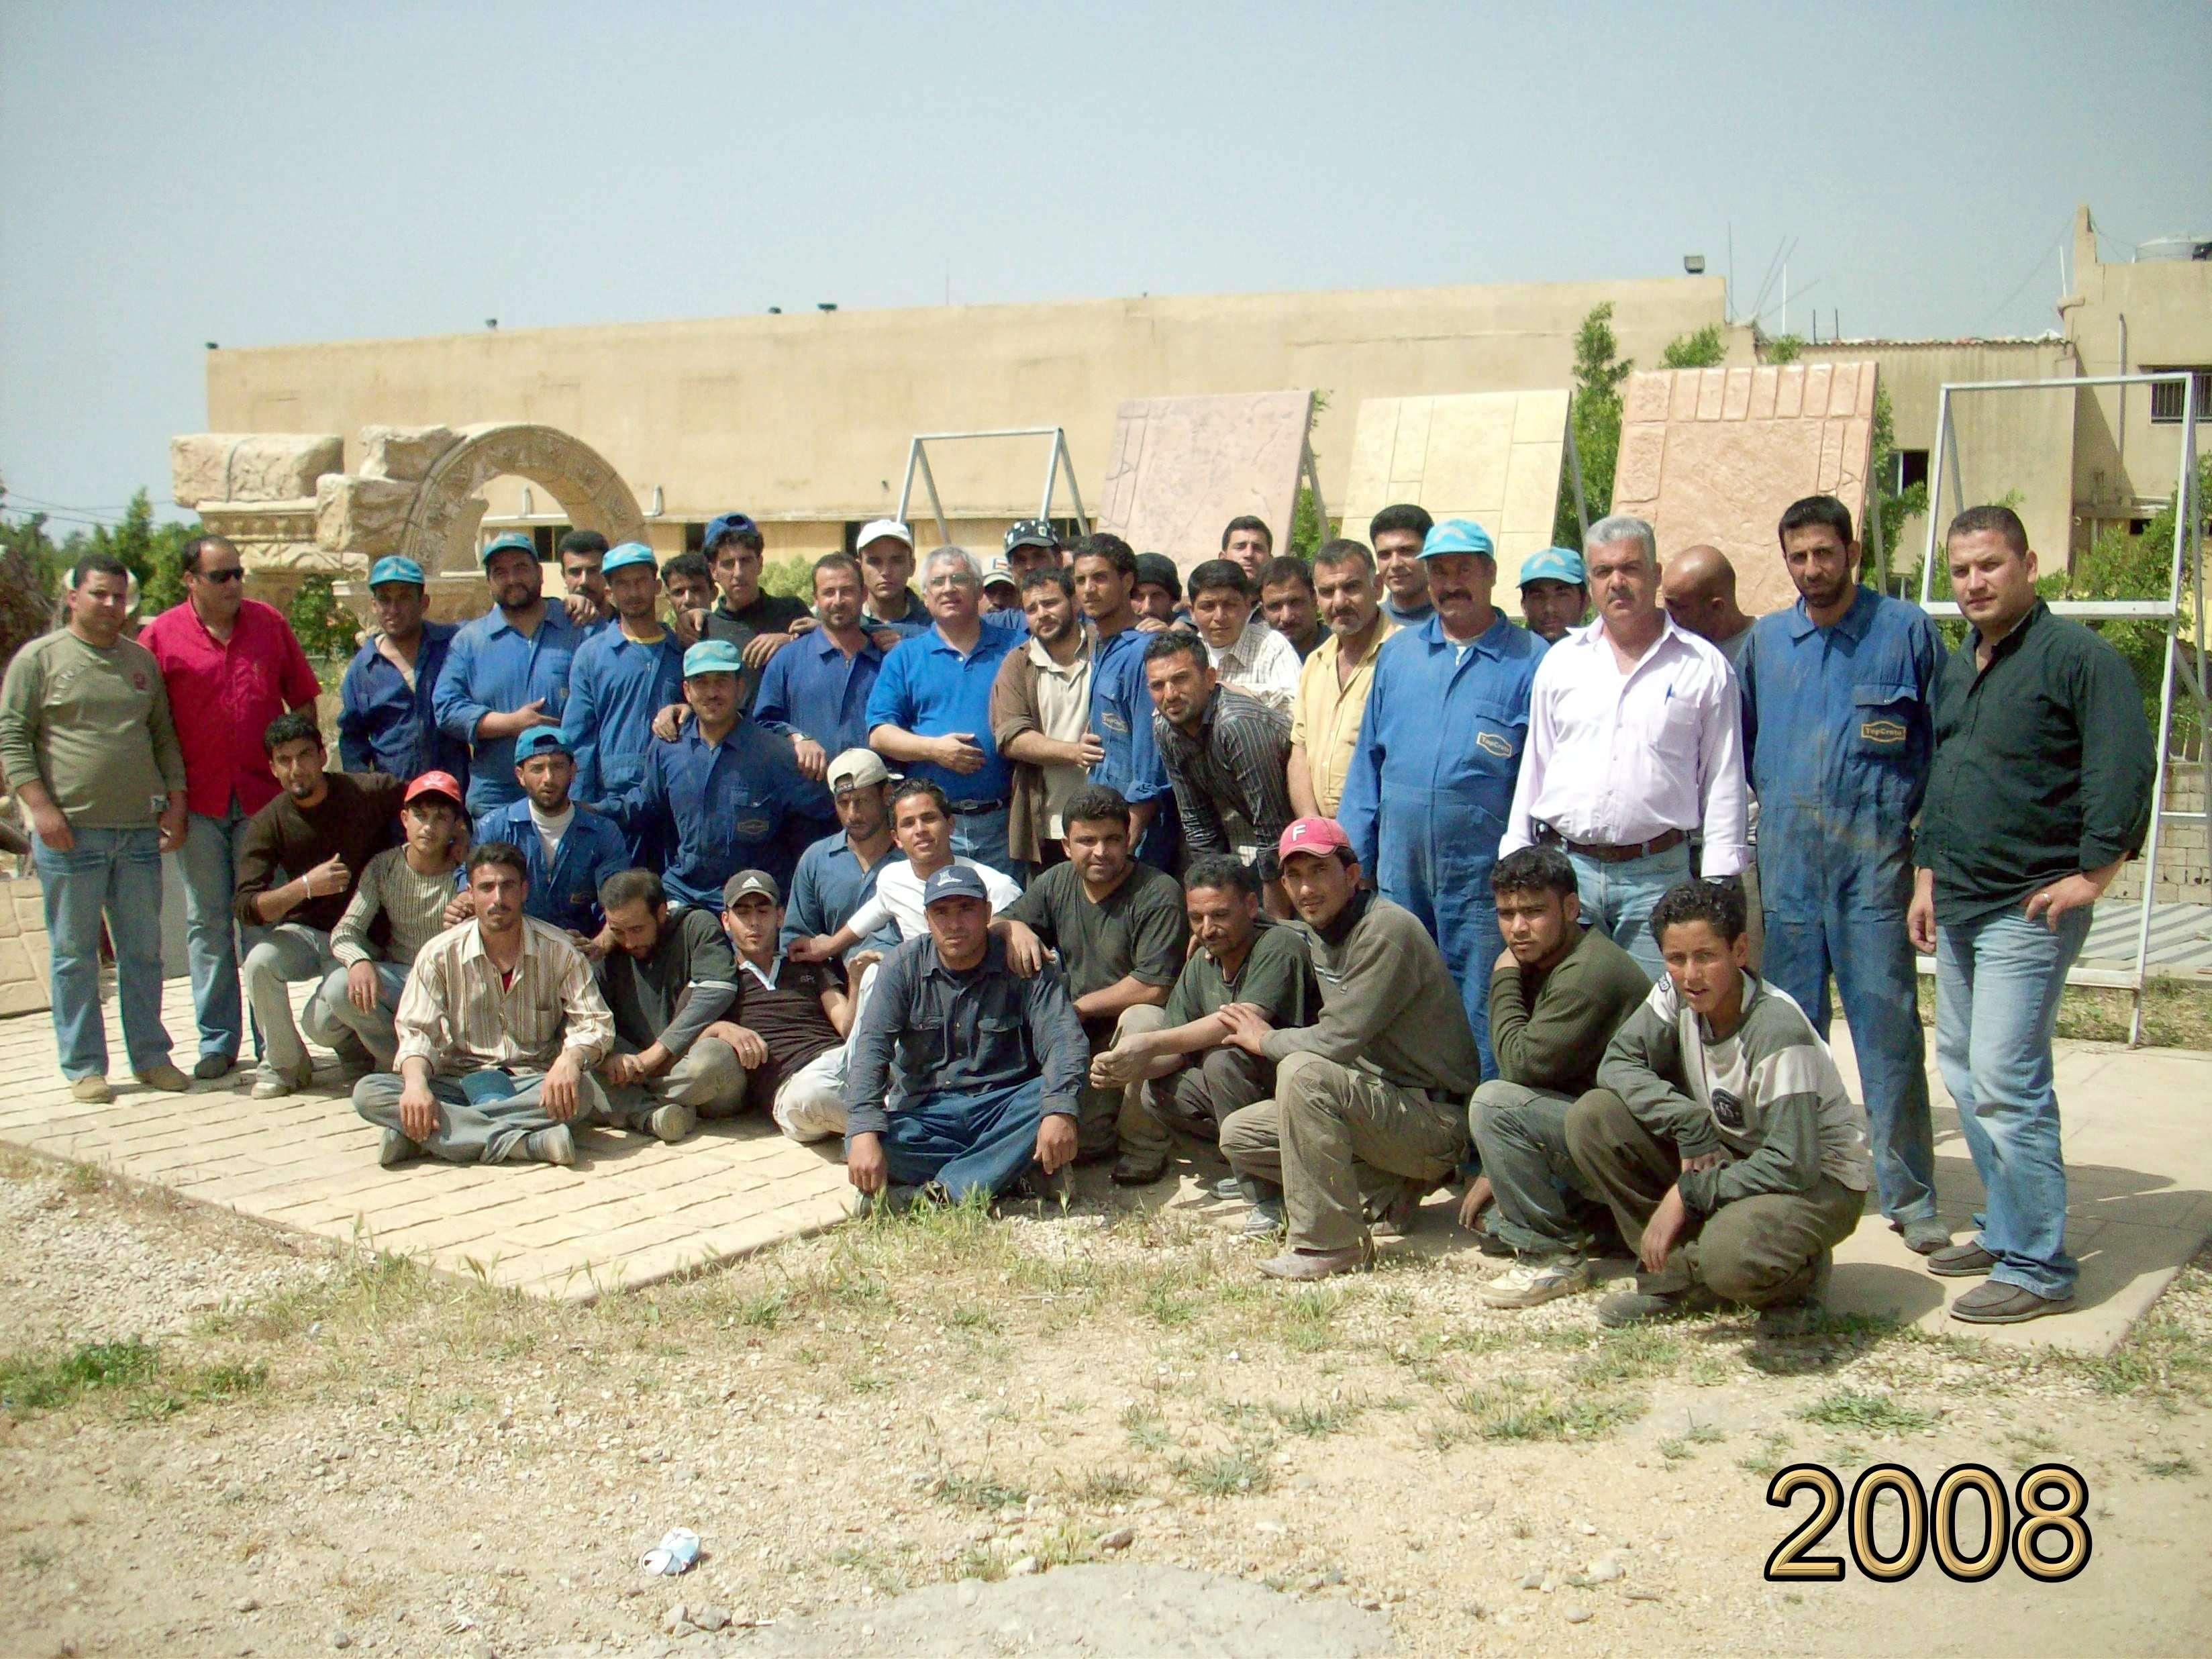 Crew 2009